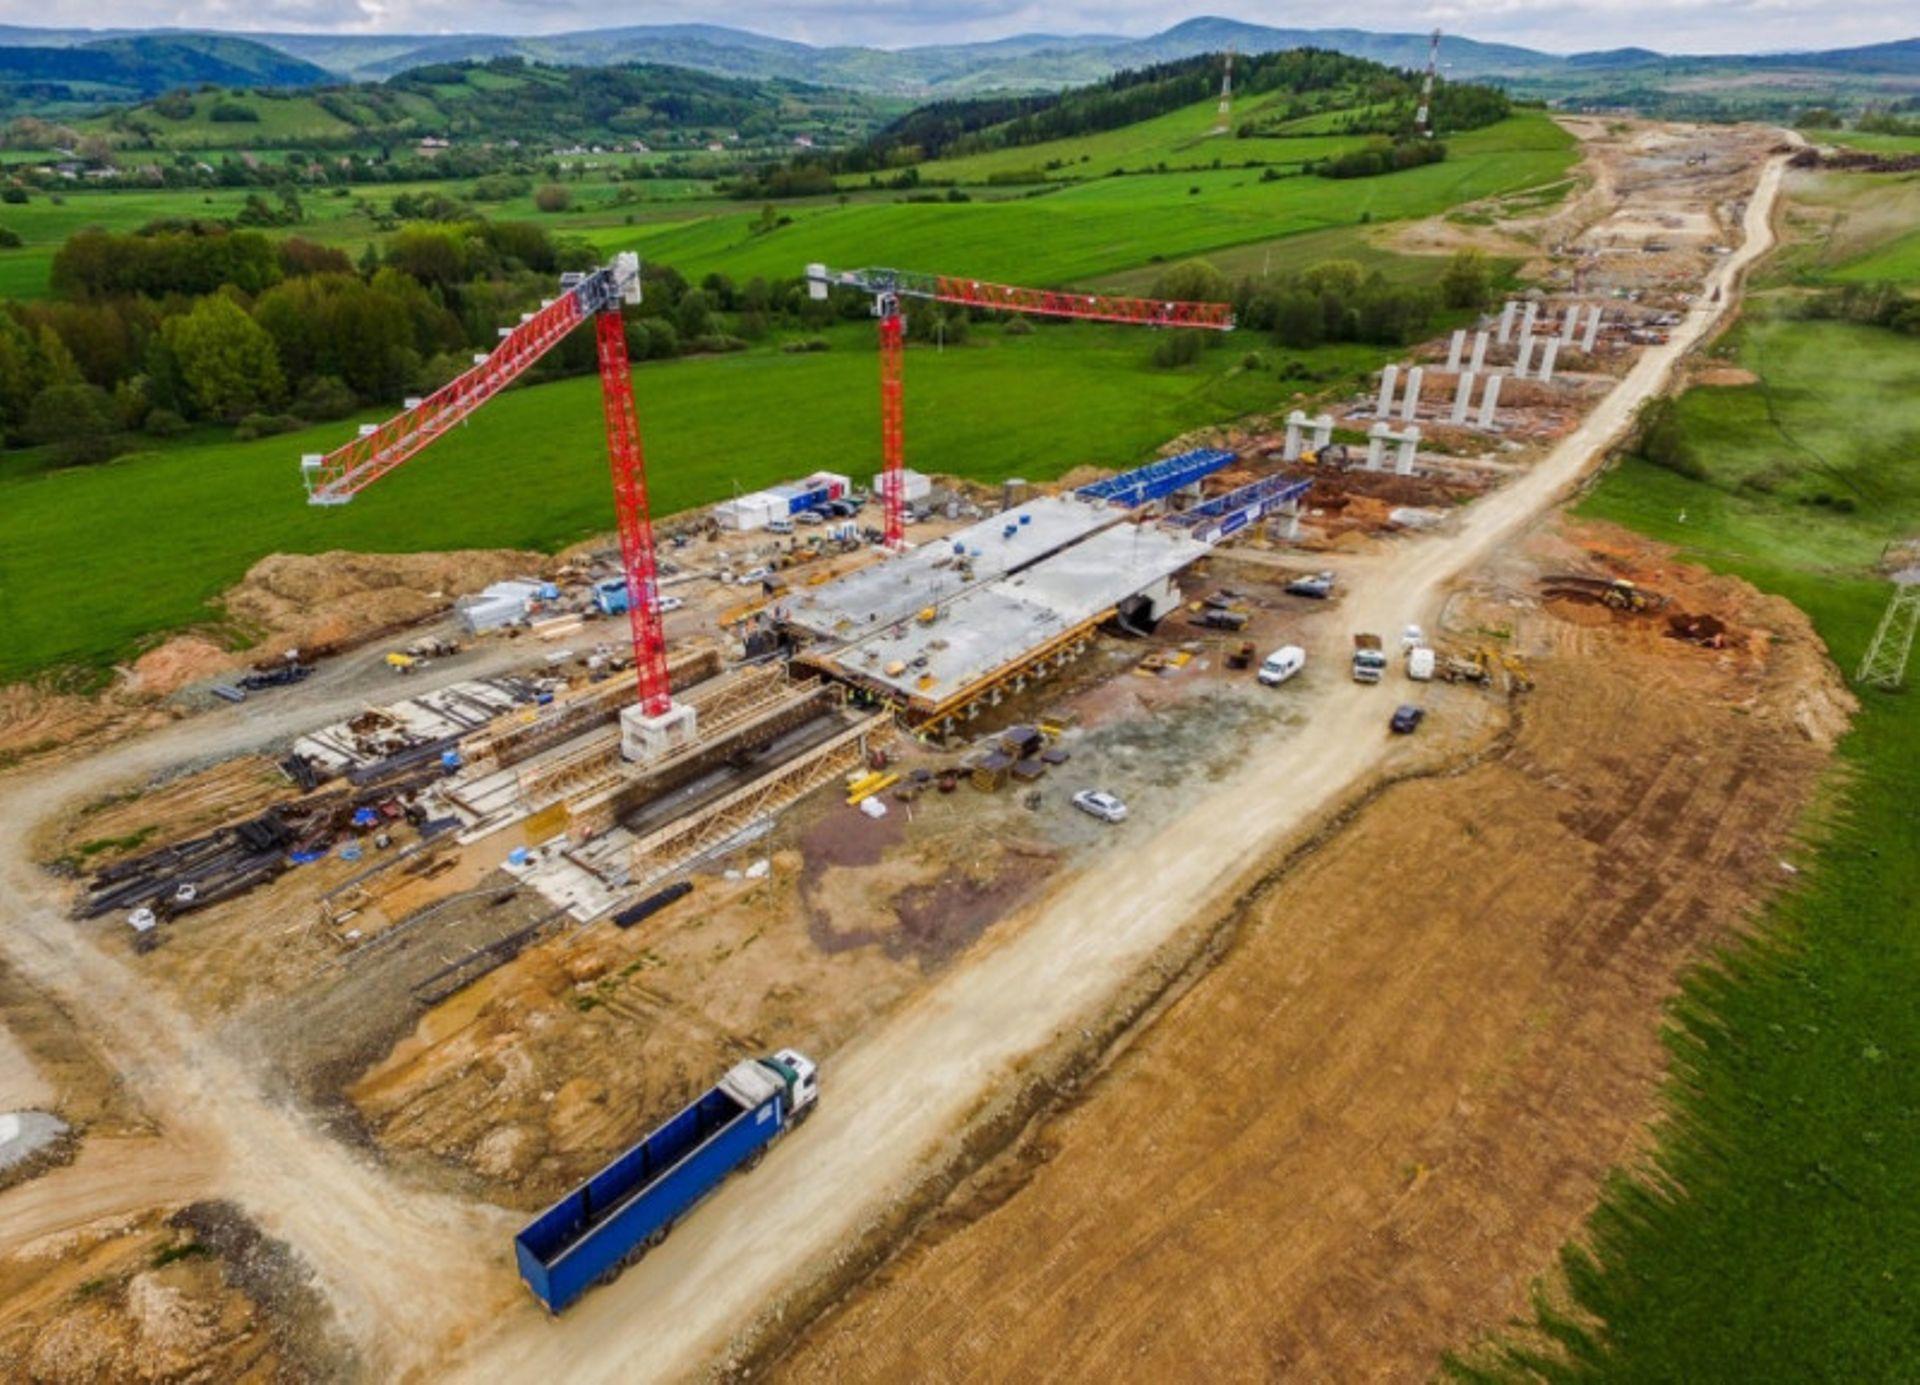 Postępy pracy przy budowie drogi ekspresowej S3 pomiędzy Kamienną Górą a Lubawką